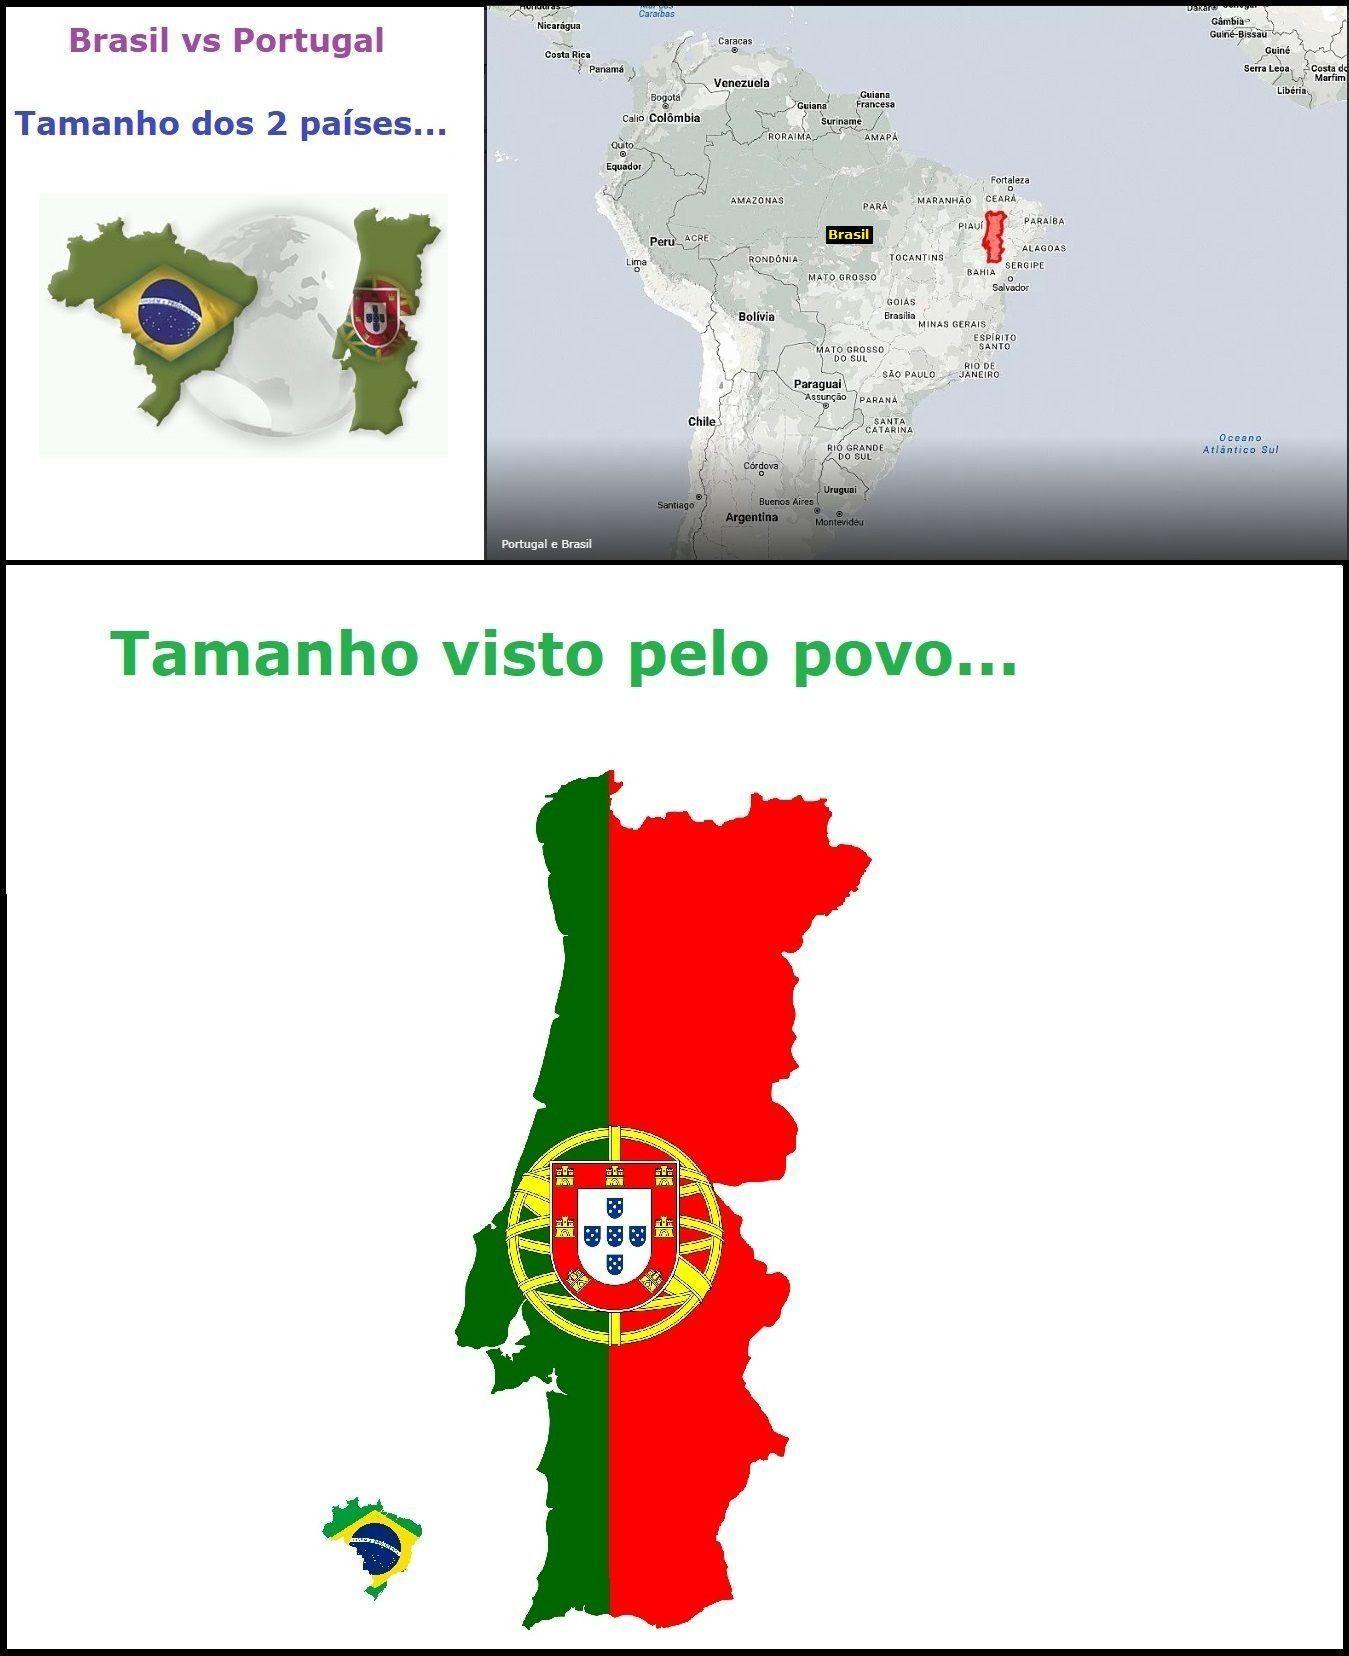 Brasil vs Portugal - meme